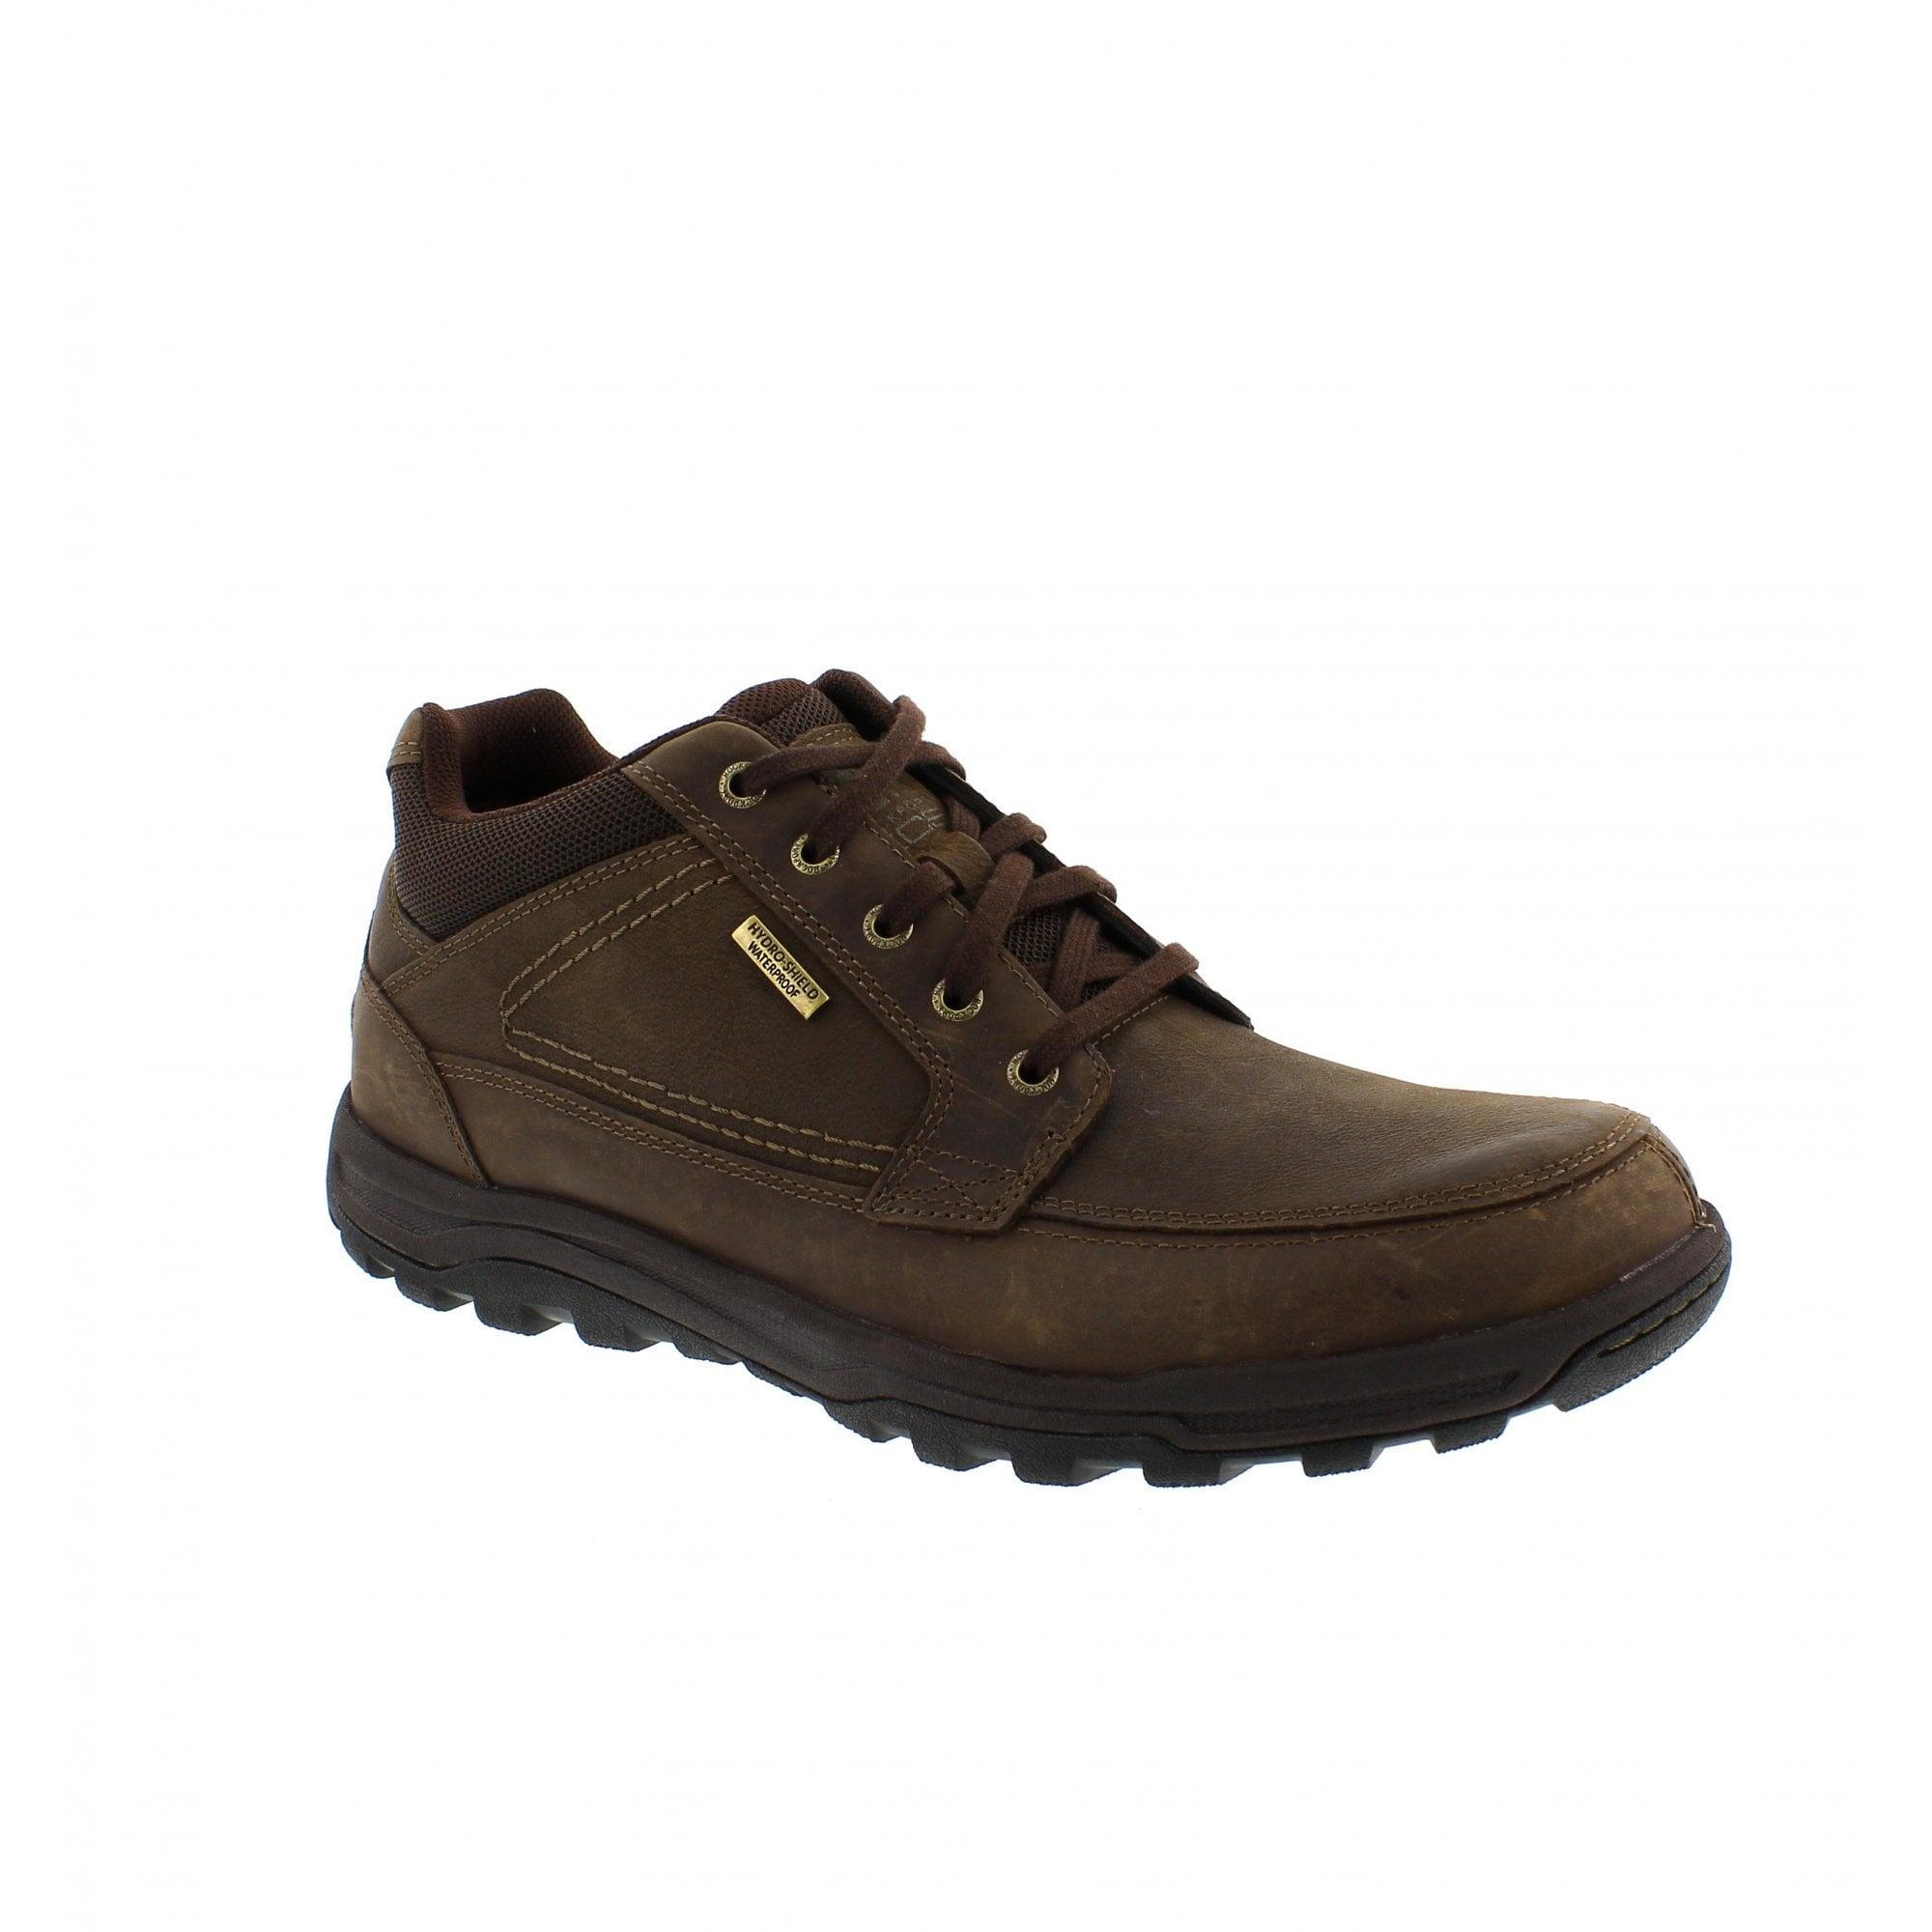 Rockport V81893 Mens Lace Up Shoes